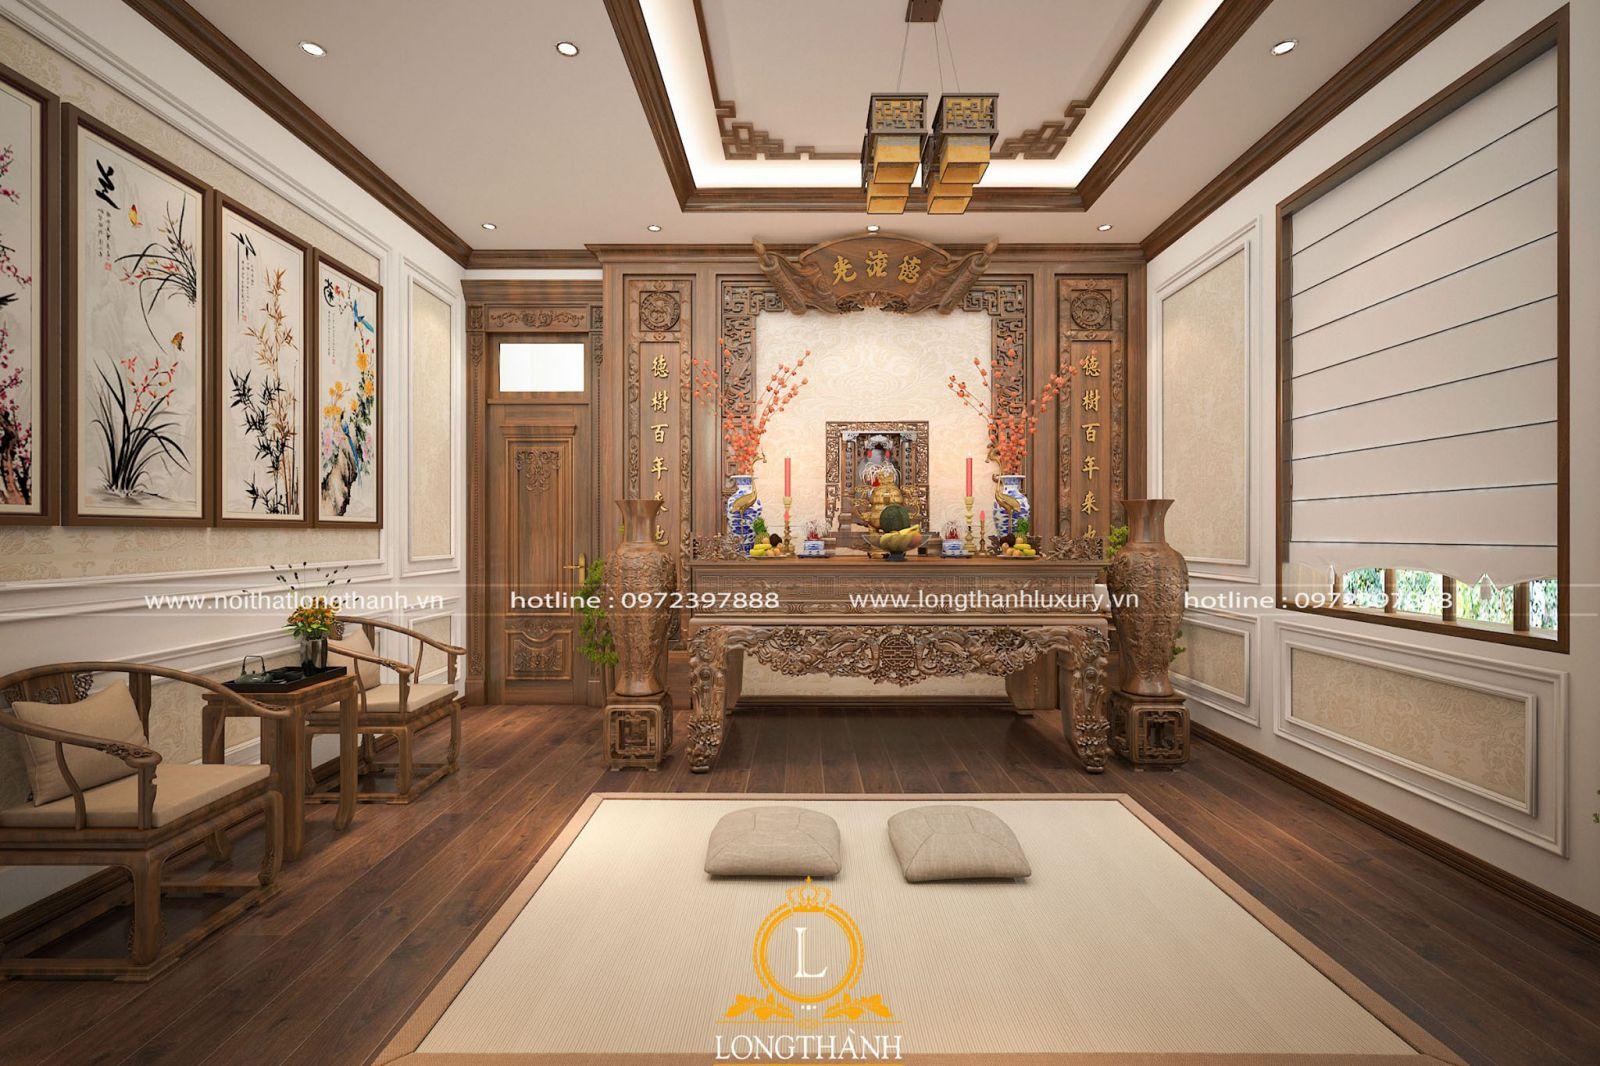 Thiết kế nội thất phòng thờ tân cổ điển sang trọng cho biệt thự liền kề